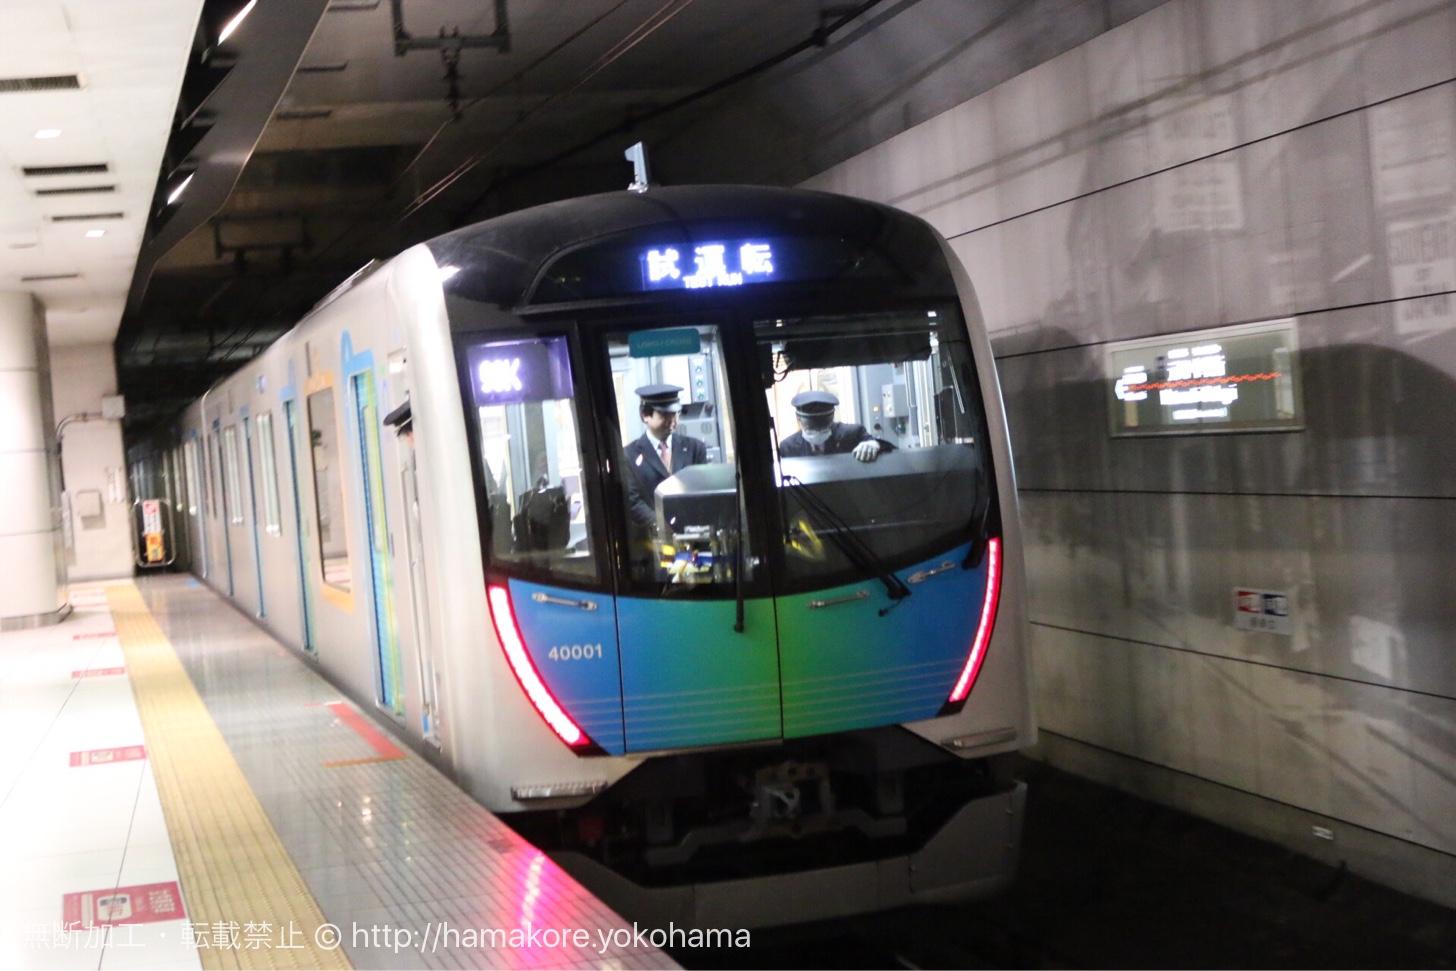 Sトレインの試運転に遭遇!ゆったり空間が魅力な電車で早く旅に出たい